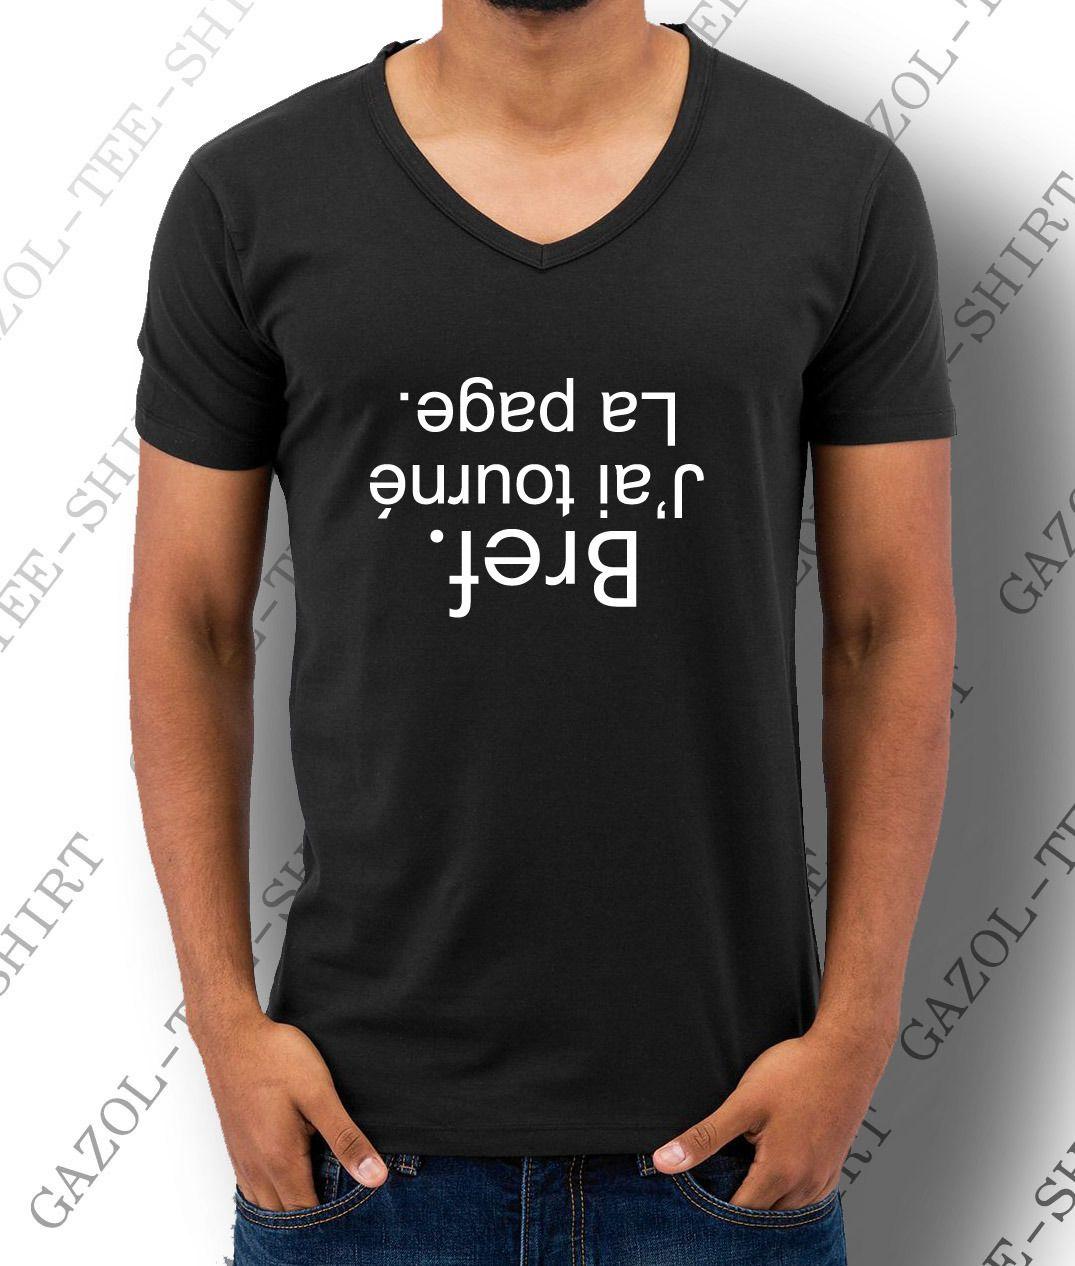 moitié prix design professionnel nouveau sélection T-shirt